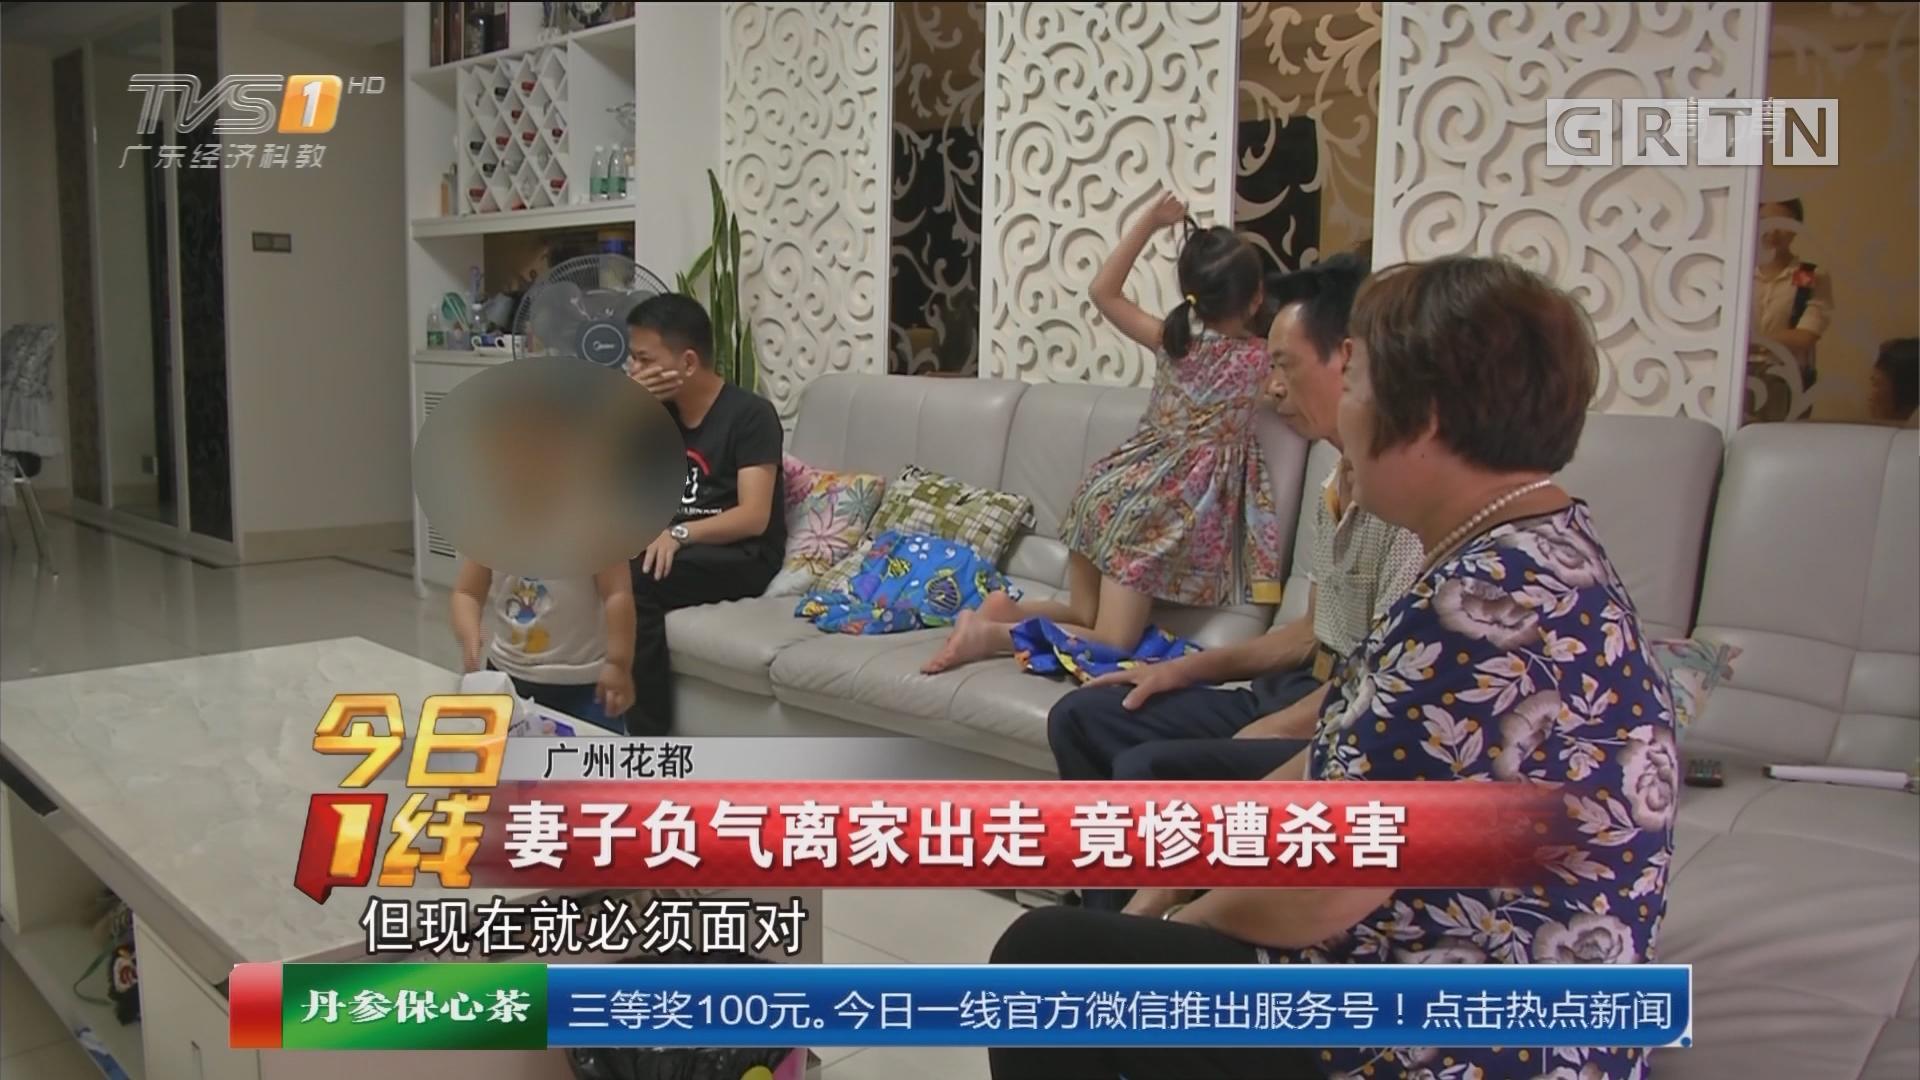 广州花都:妻子负气离家出走 竟惨遭杀害